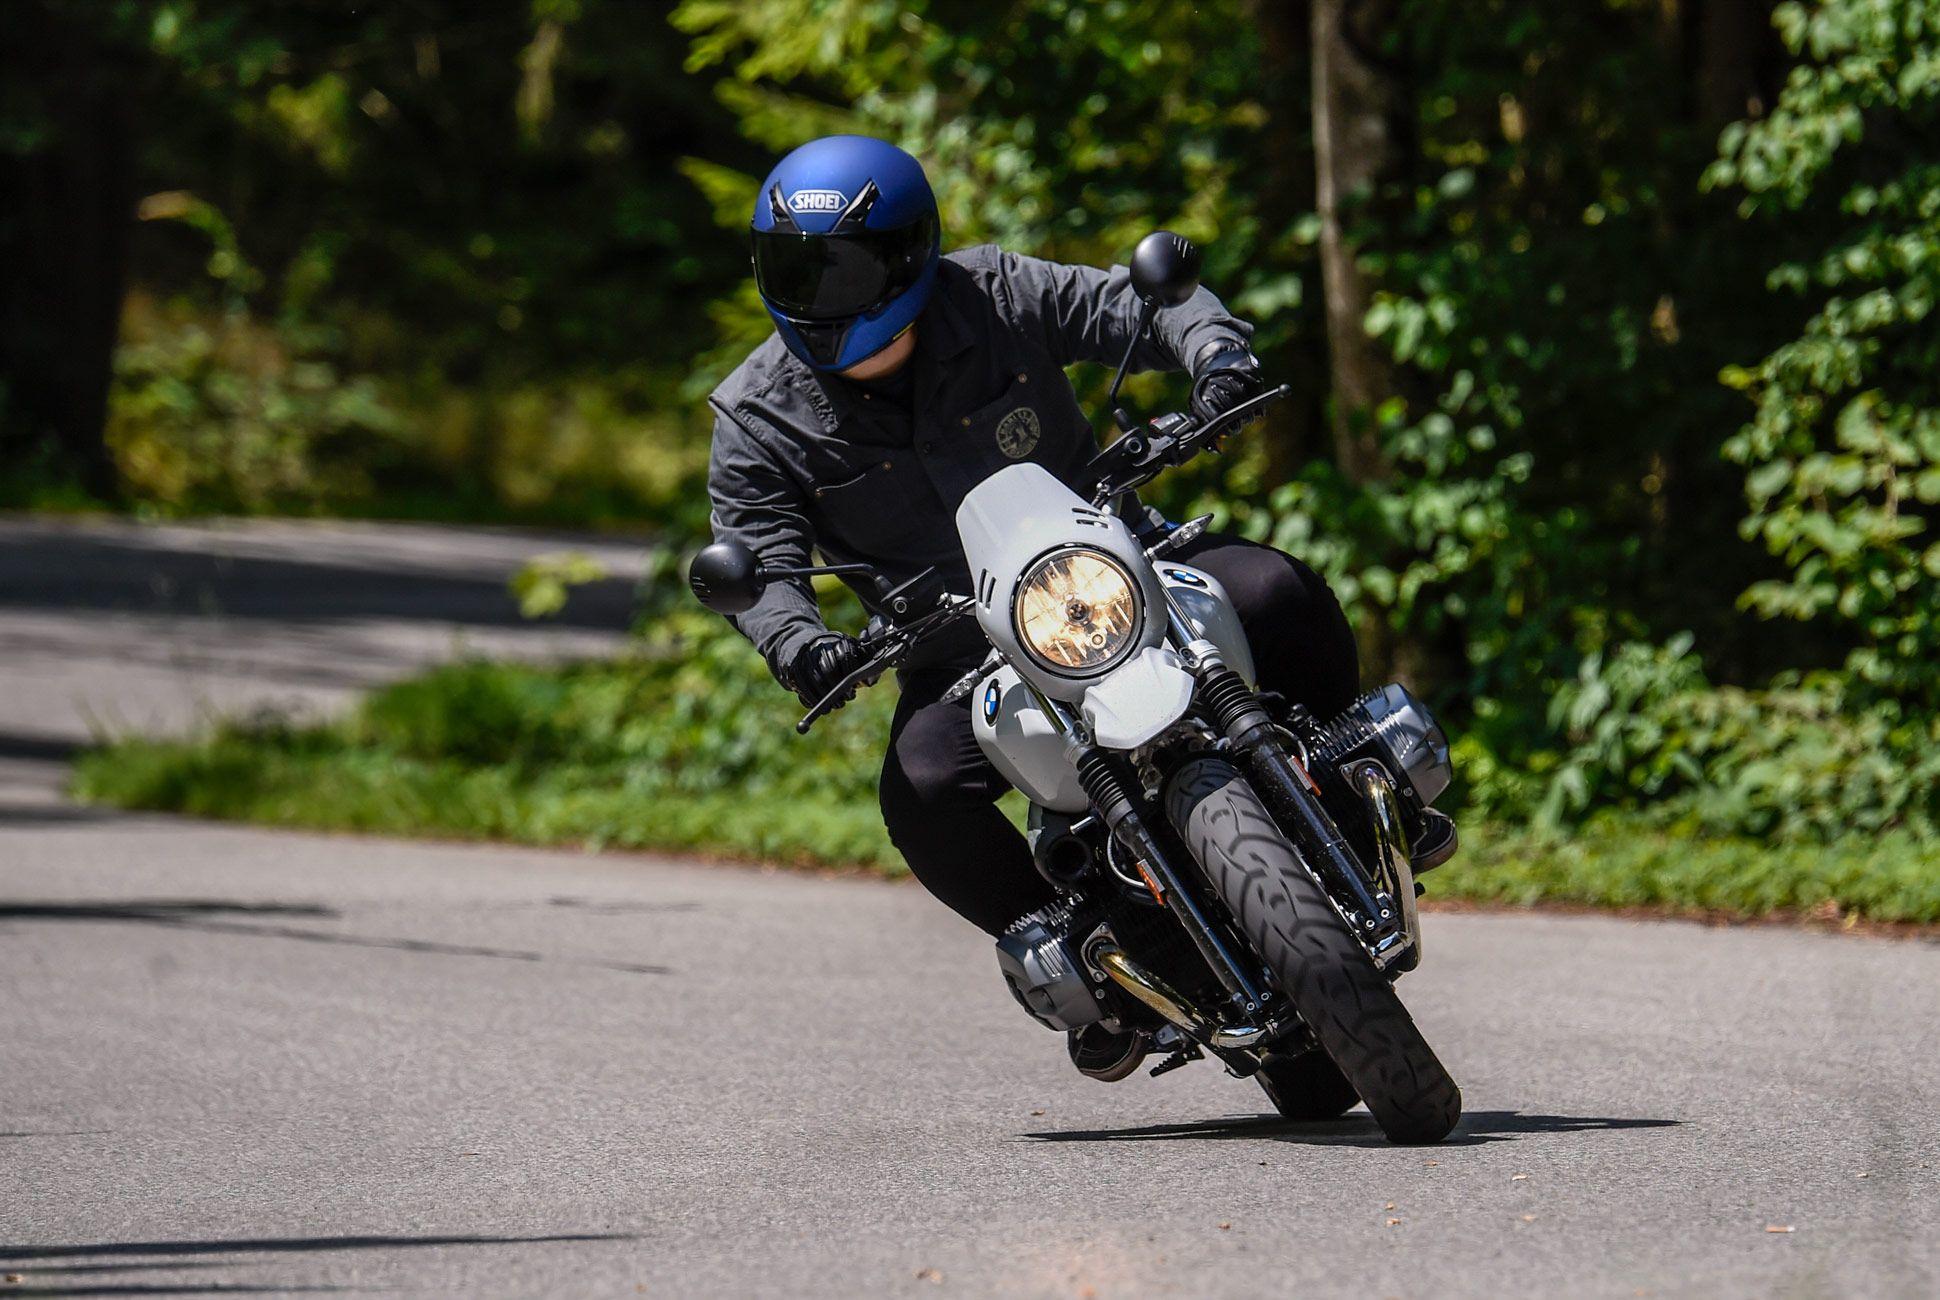 BMW-RnineT-Urban-GS-Gear-Patrol-Slide-7